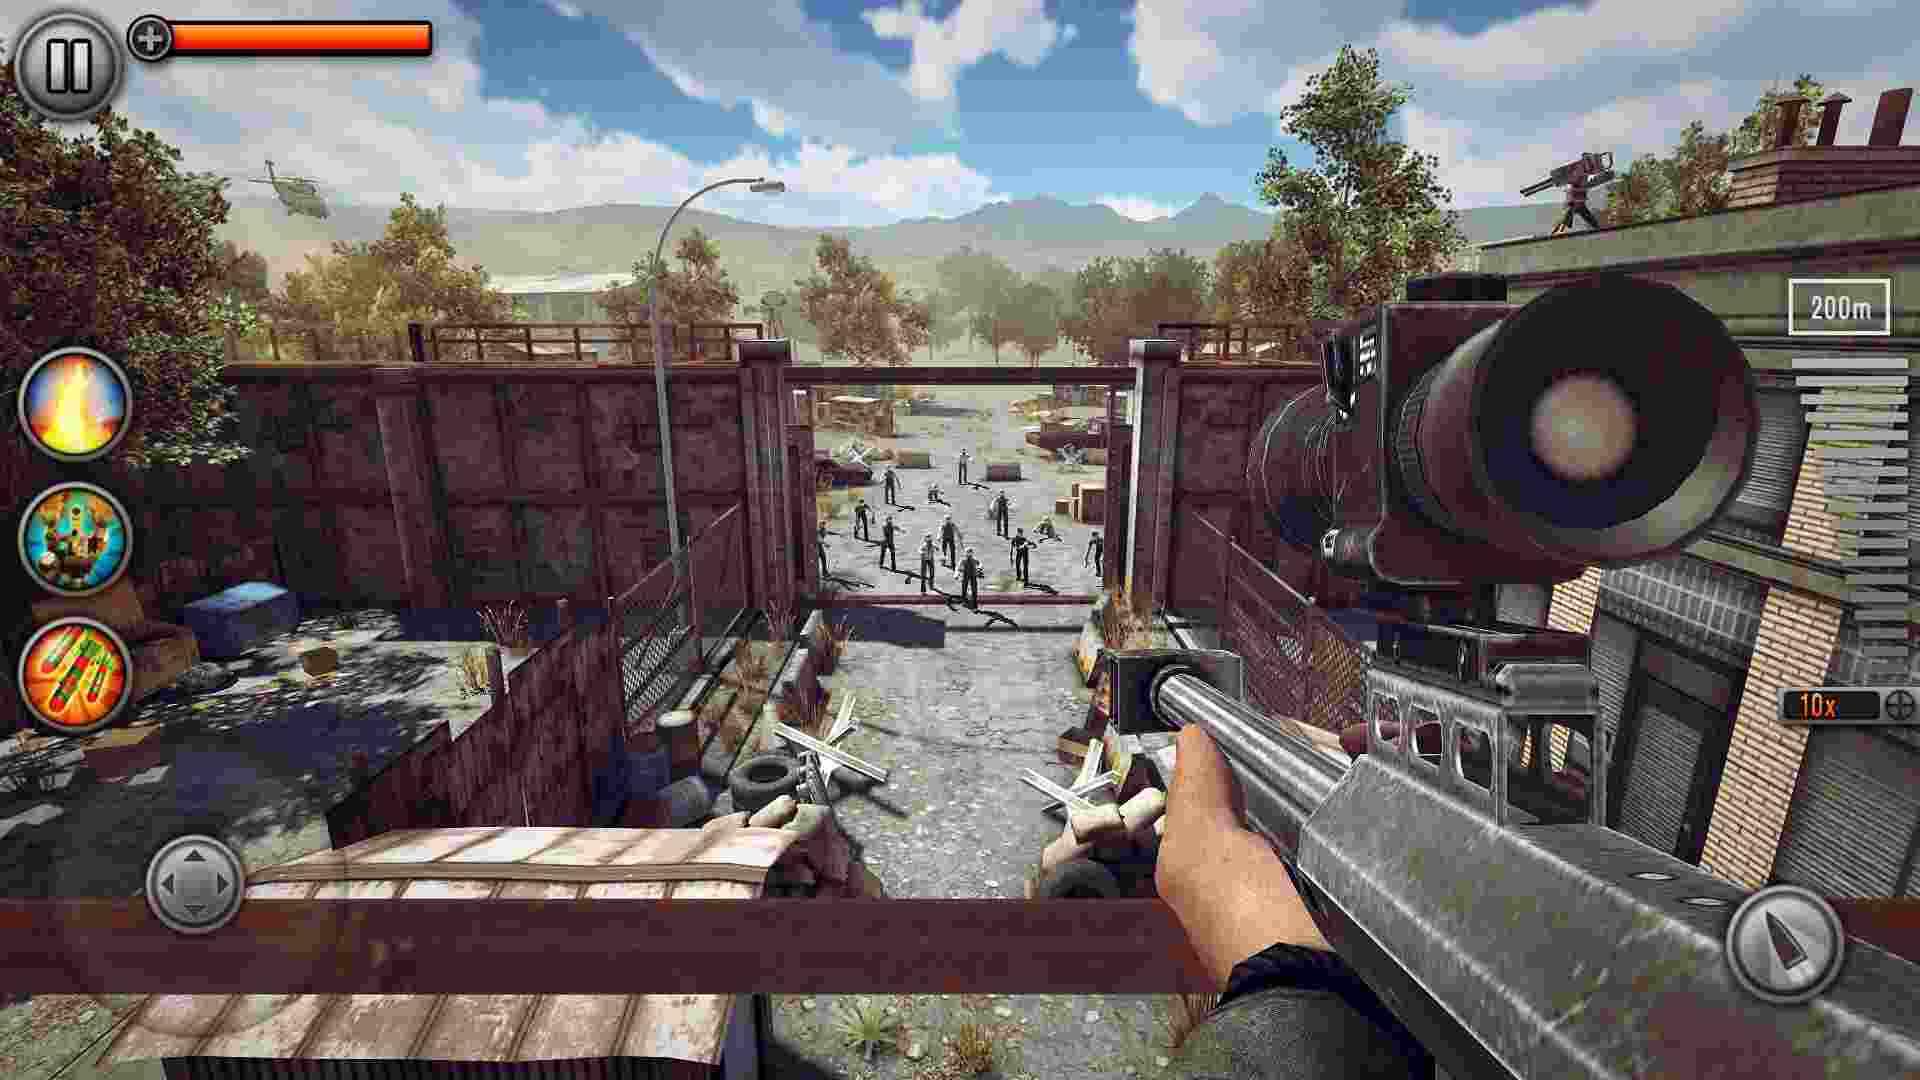 Game Last Hope Sniper mod hack